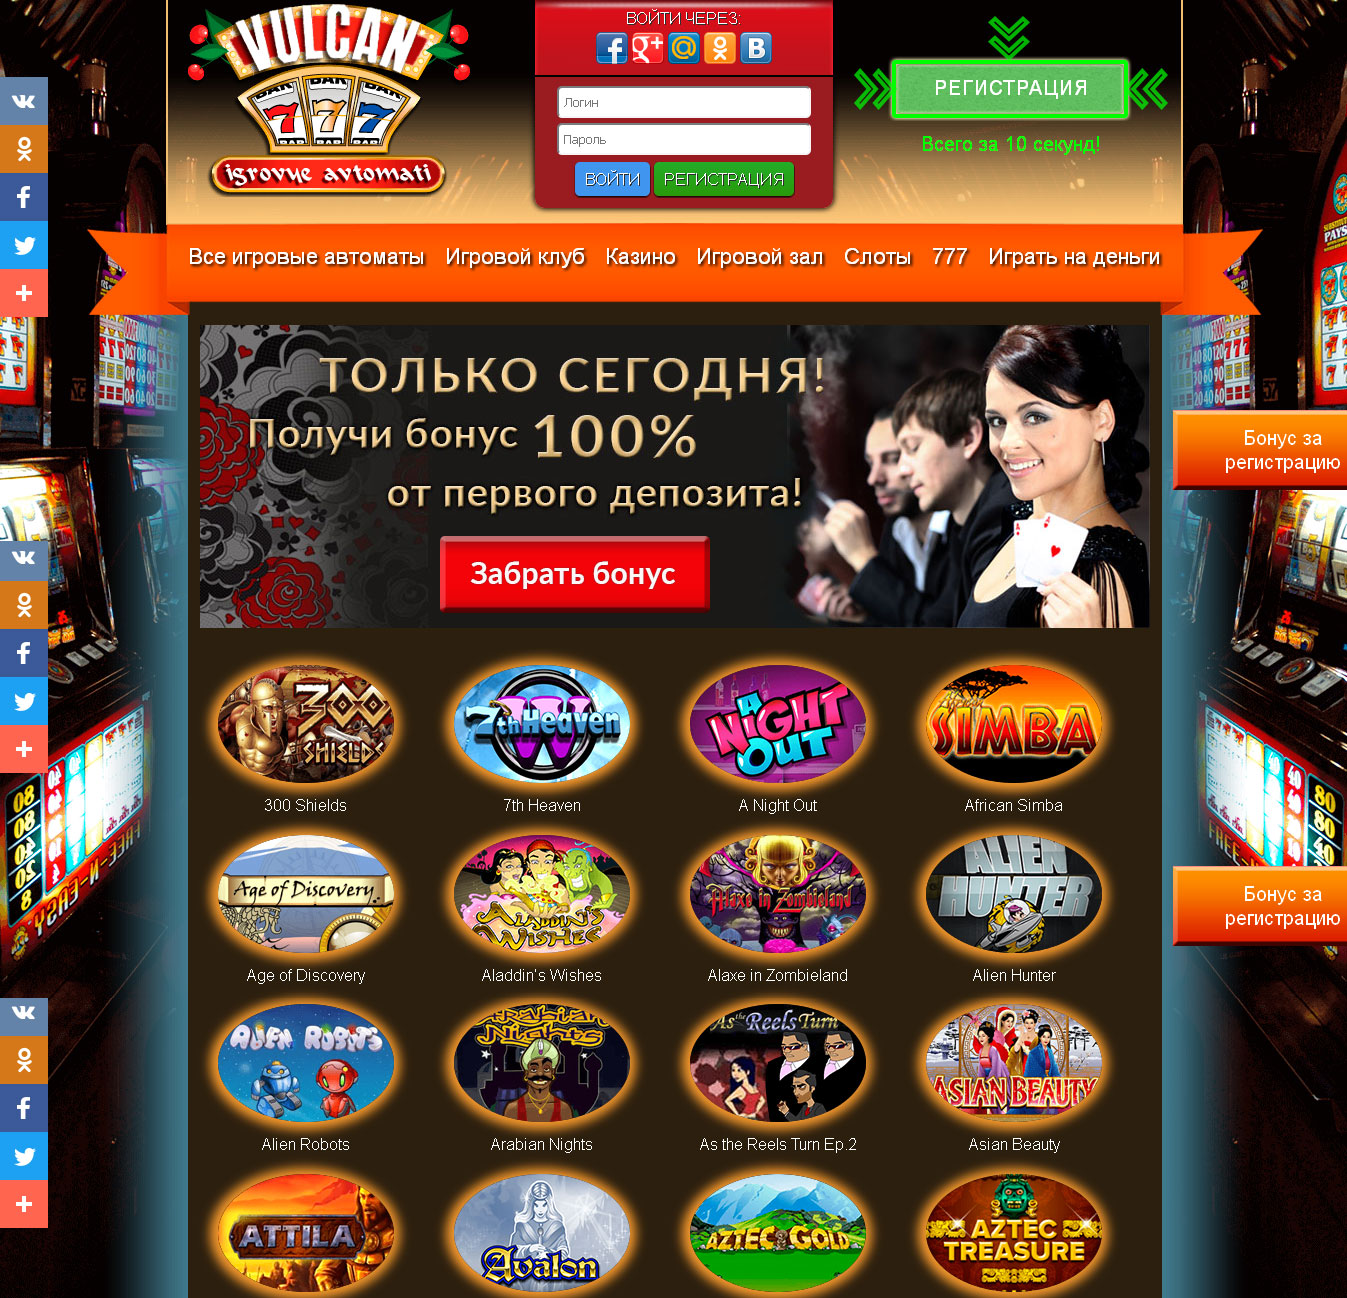 Бесплатные игровые автоматы Вулкан в онлайне